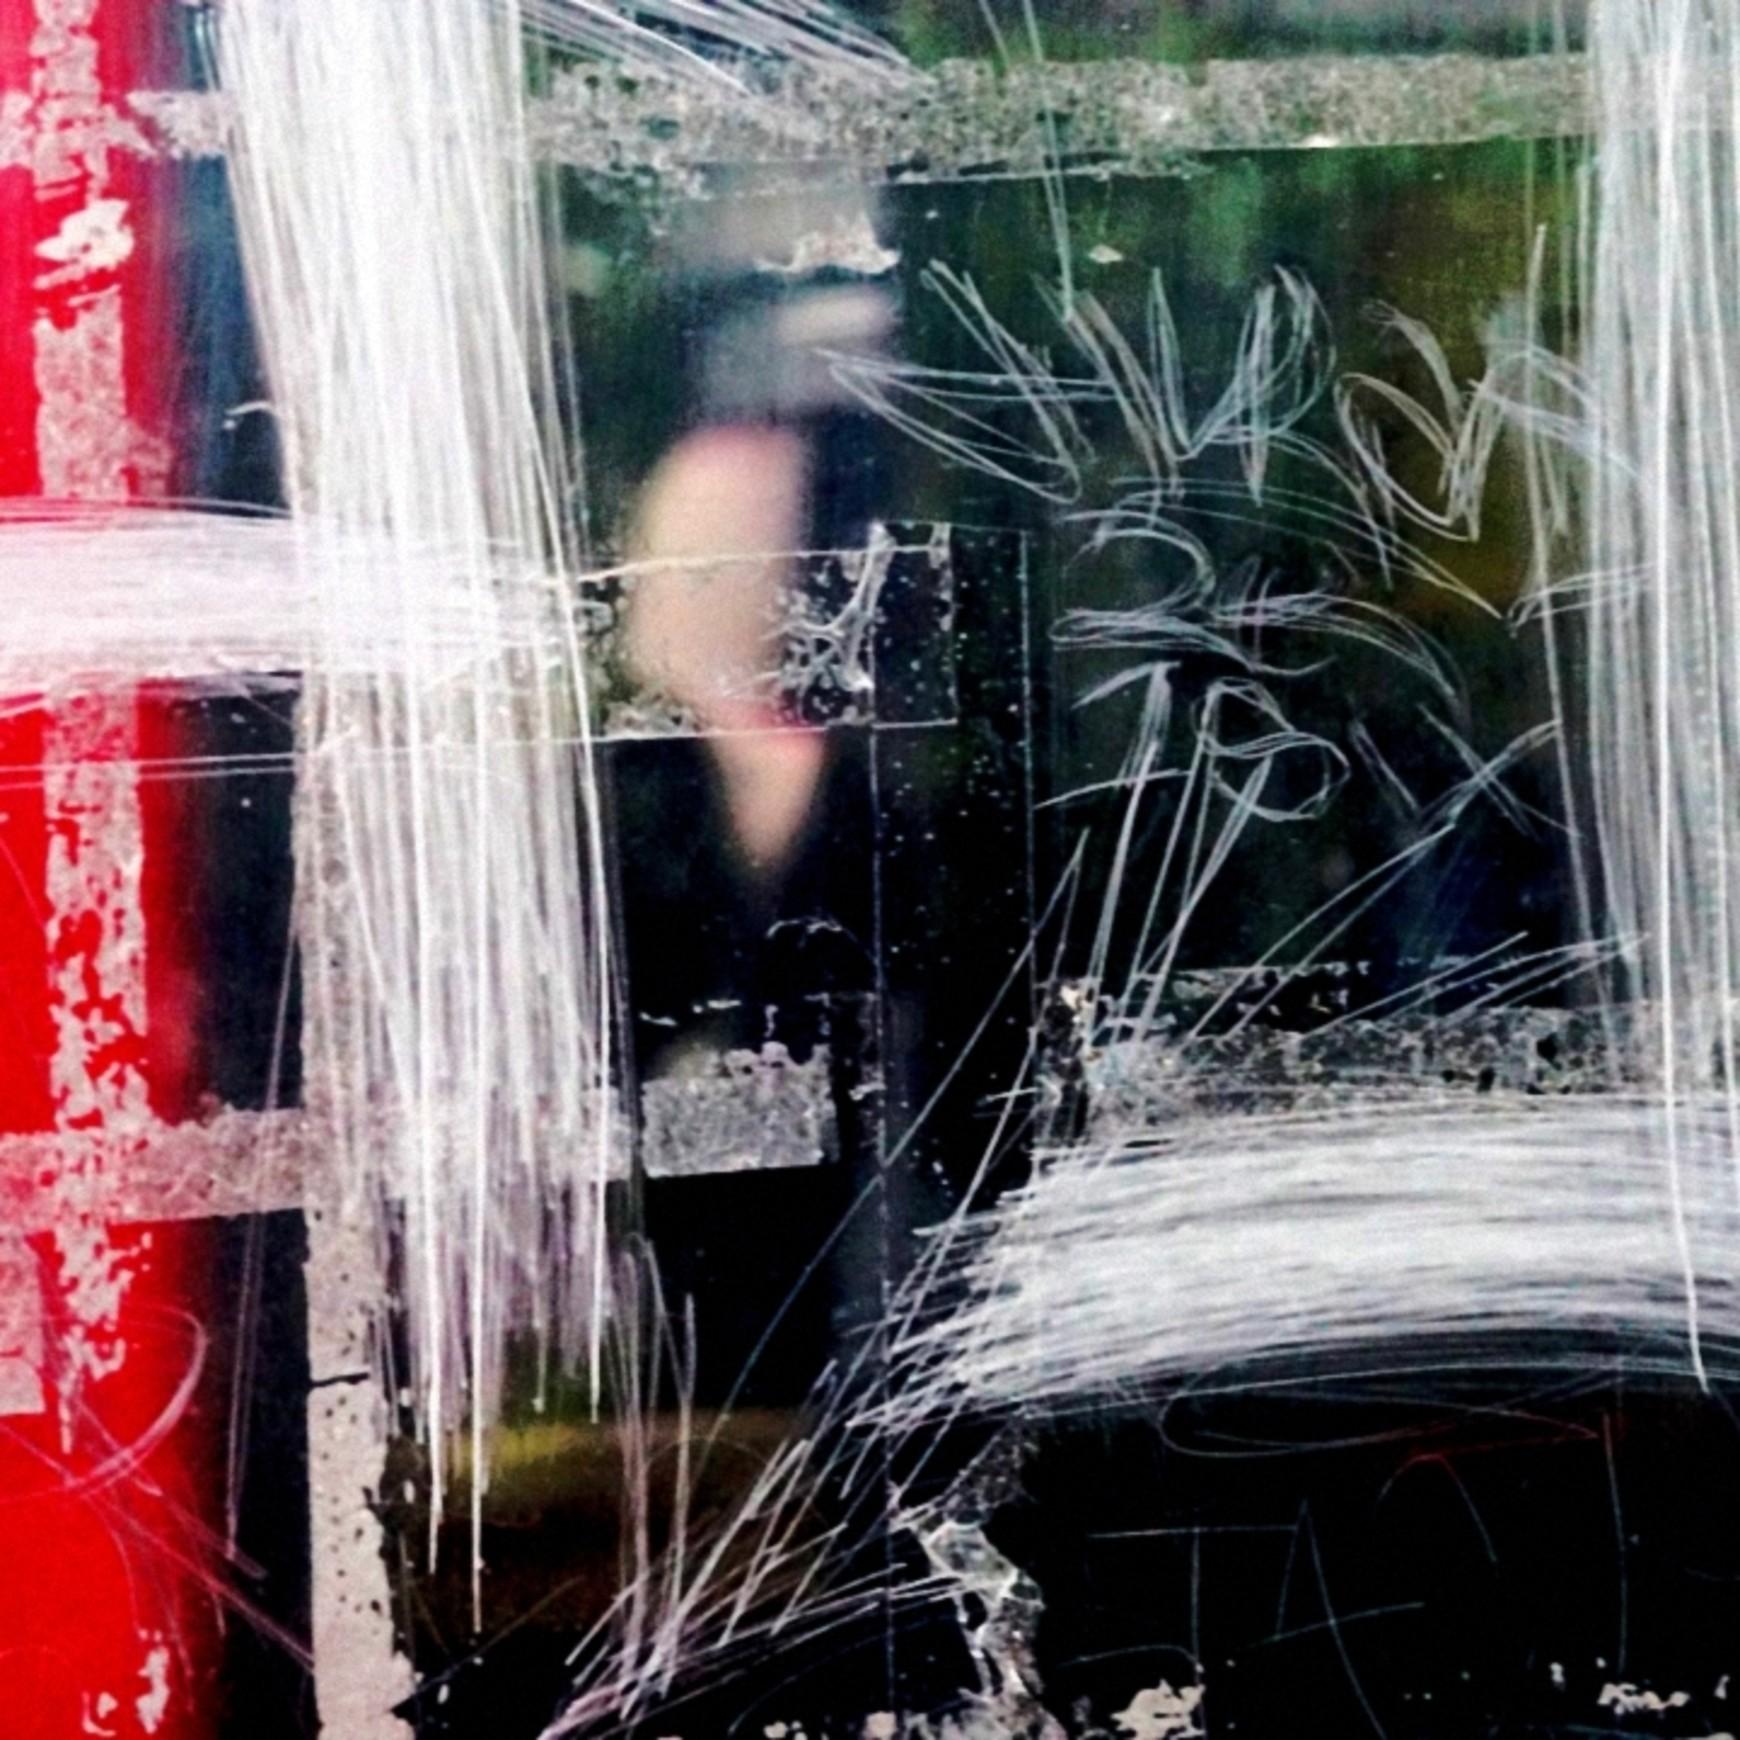 Bus Stop, il progetto anti-fotografico di Stephen Calcutt | Collater.al 8